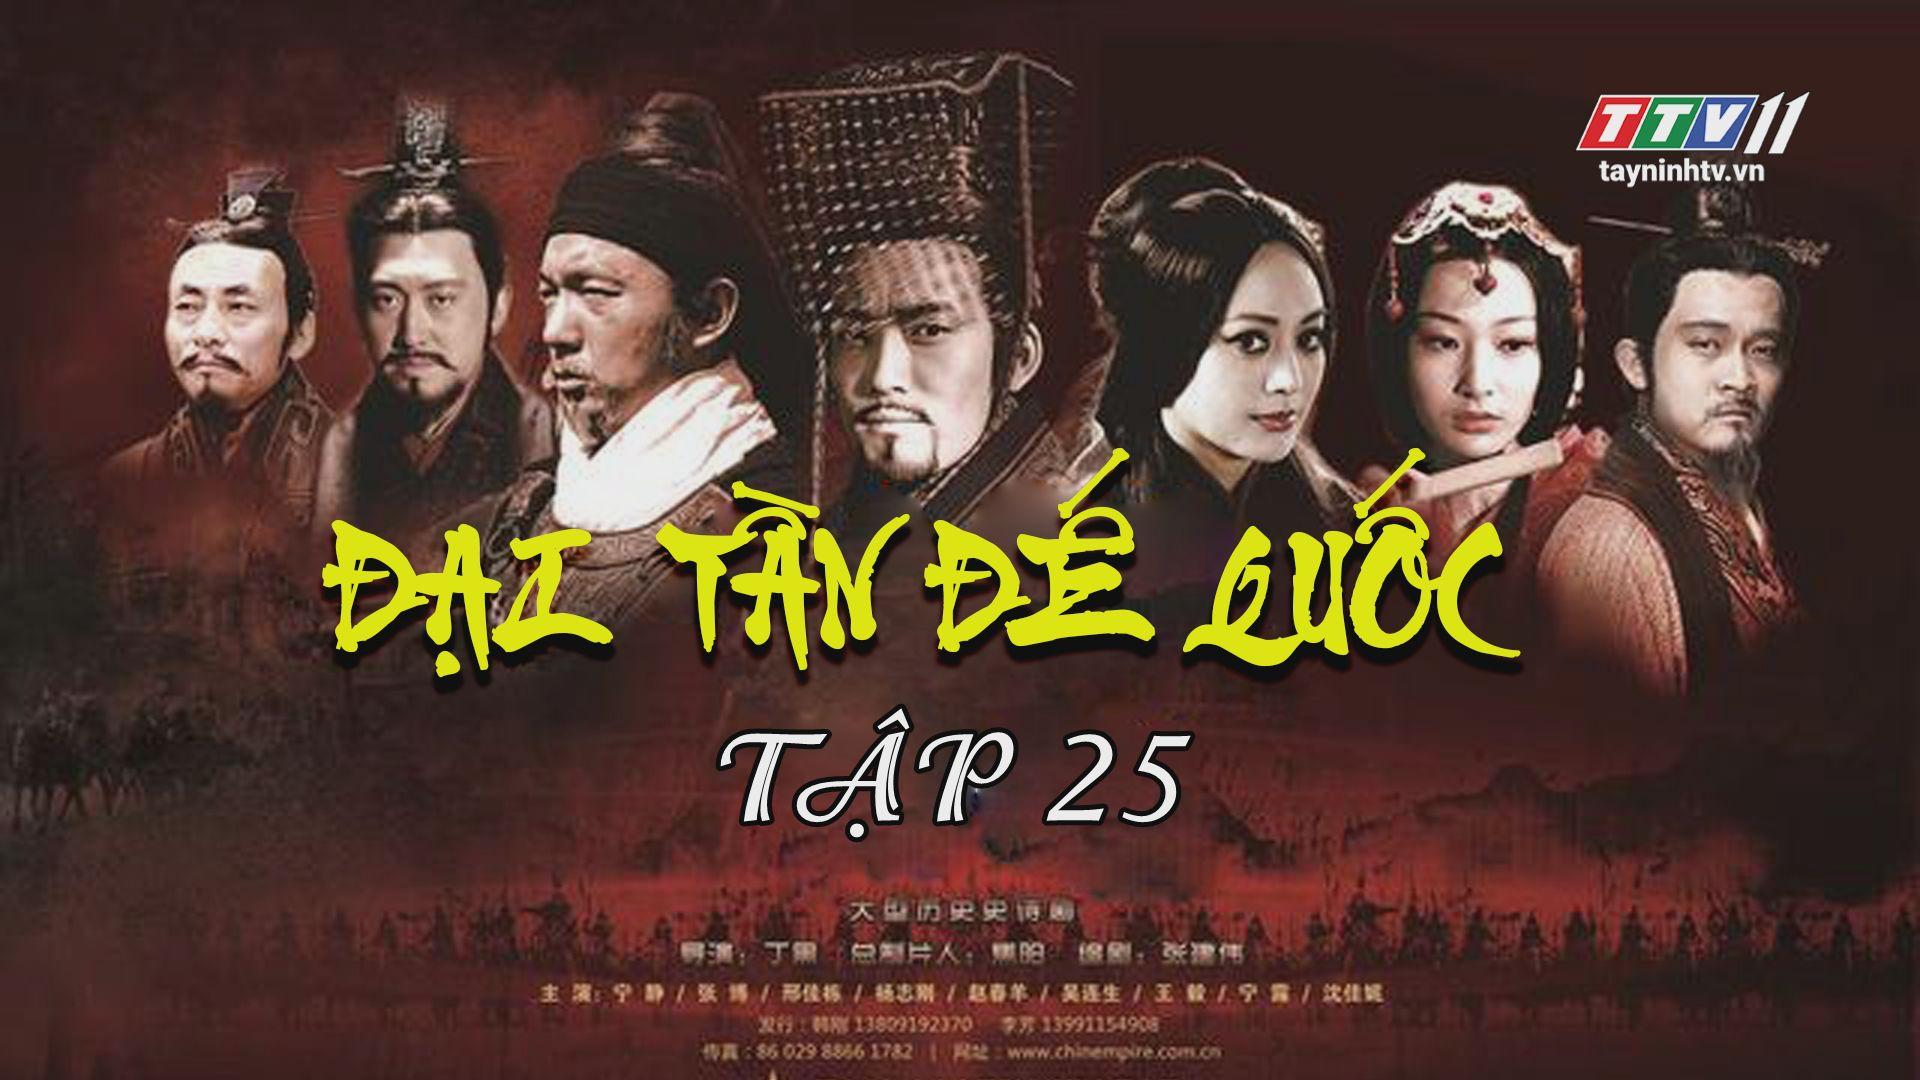 Tập 25 | ĐẠI TẦN ĐẾ QUỐC - Phần 3 - QUẬT KHỞI - FULL HD | TayNinhTV